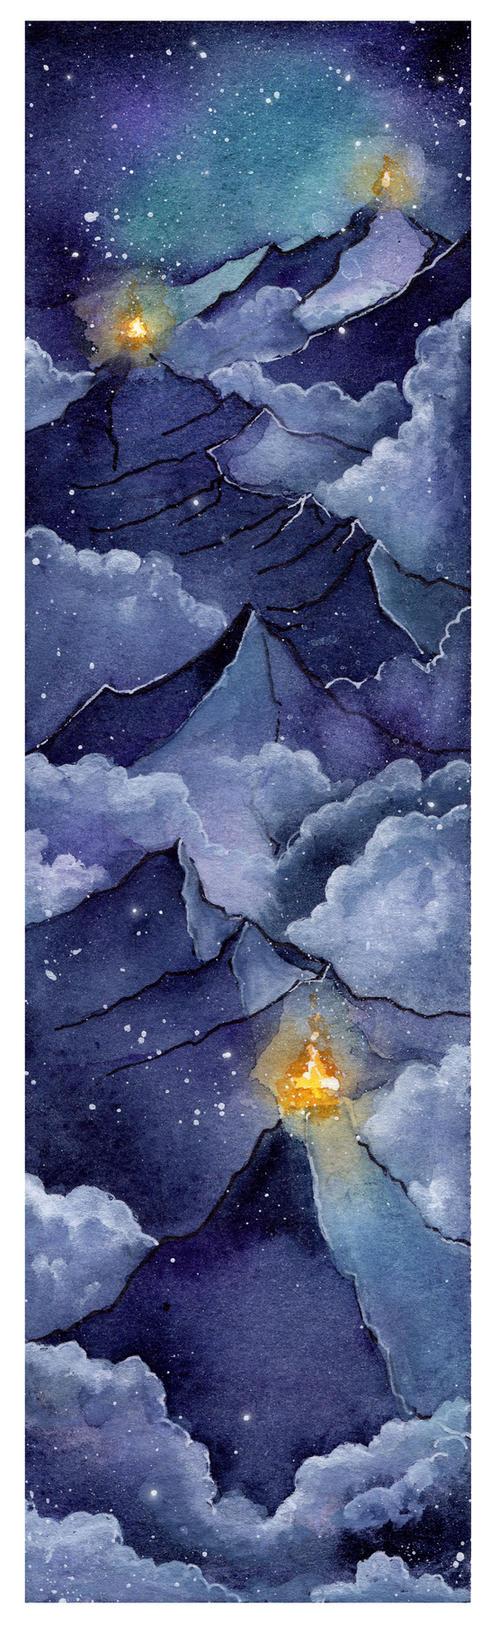 The Beacons by Kinko-White